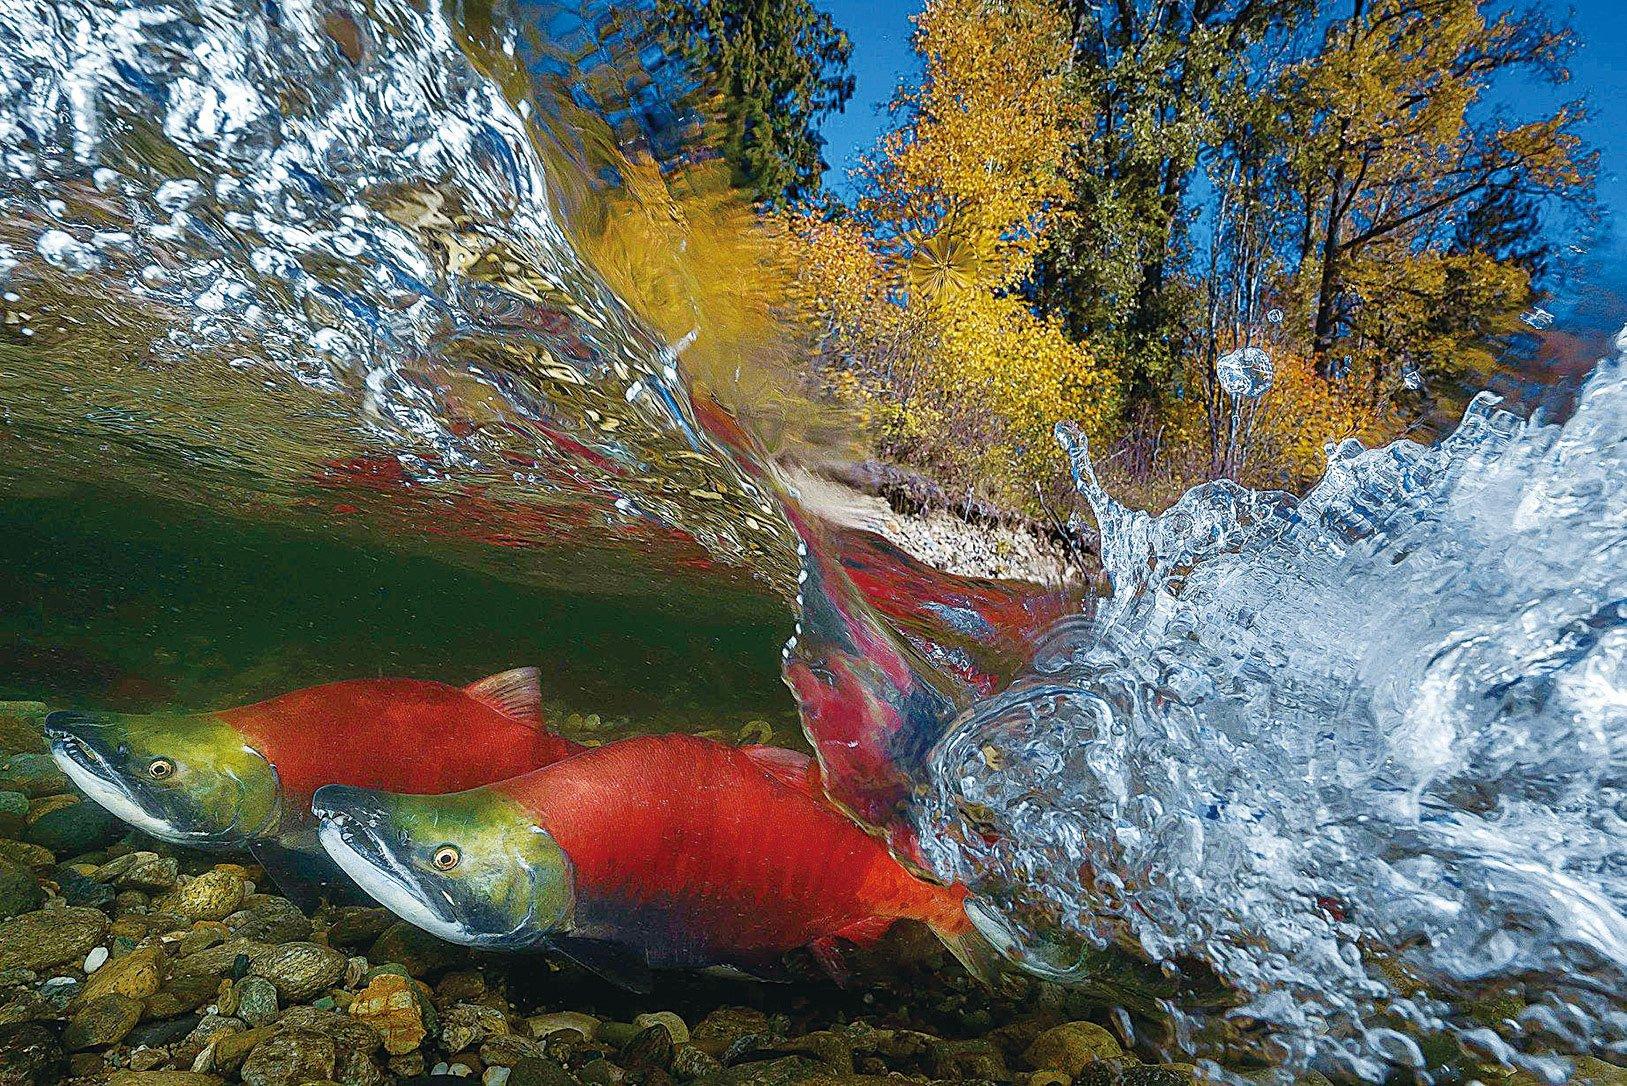 台灣攝影師吳永森拍攝的三文魚洄游作品,以其絕佳的拍攝角度,鮮明的色彩,在「國際水中攝影競賽World Shootout 」與「Sony世界攝影大獎賽」中連奪雙冠。(吳永森提供)